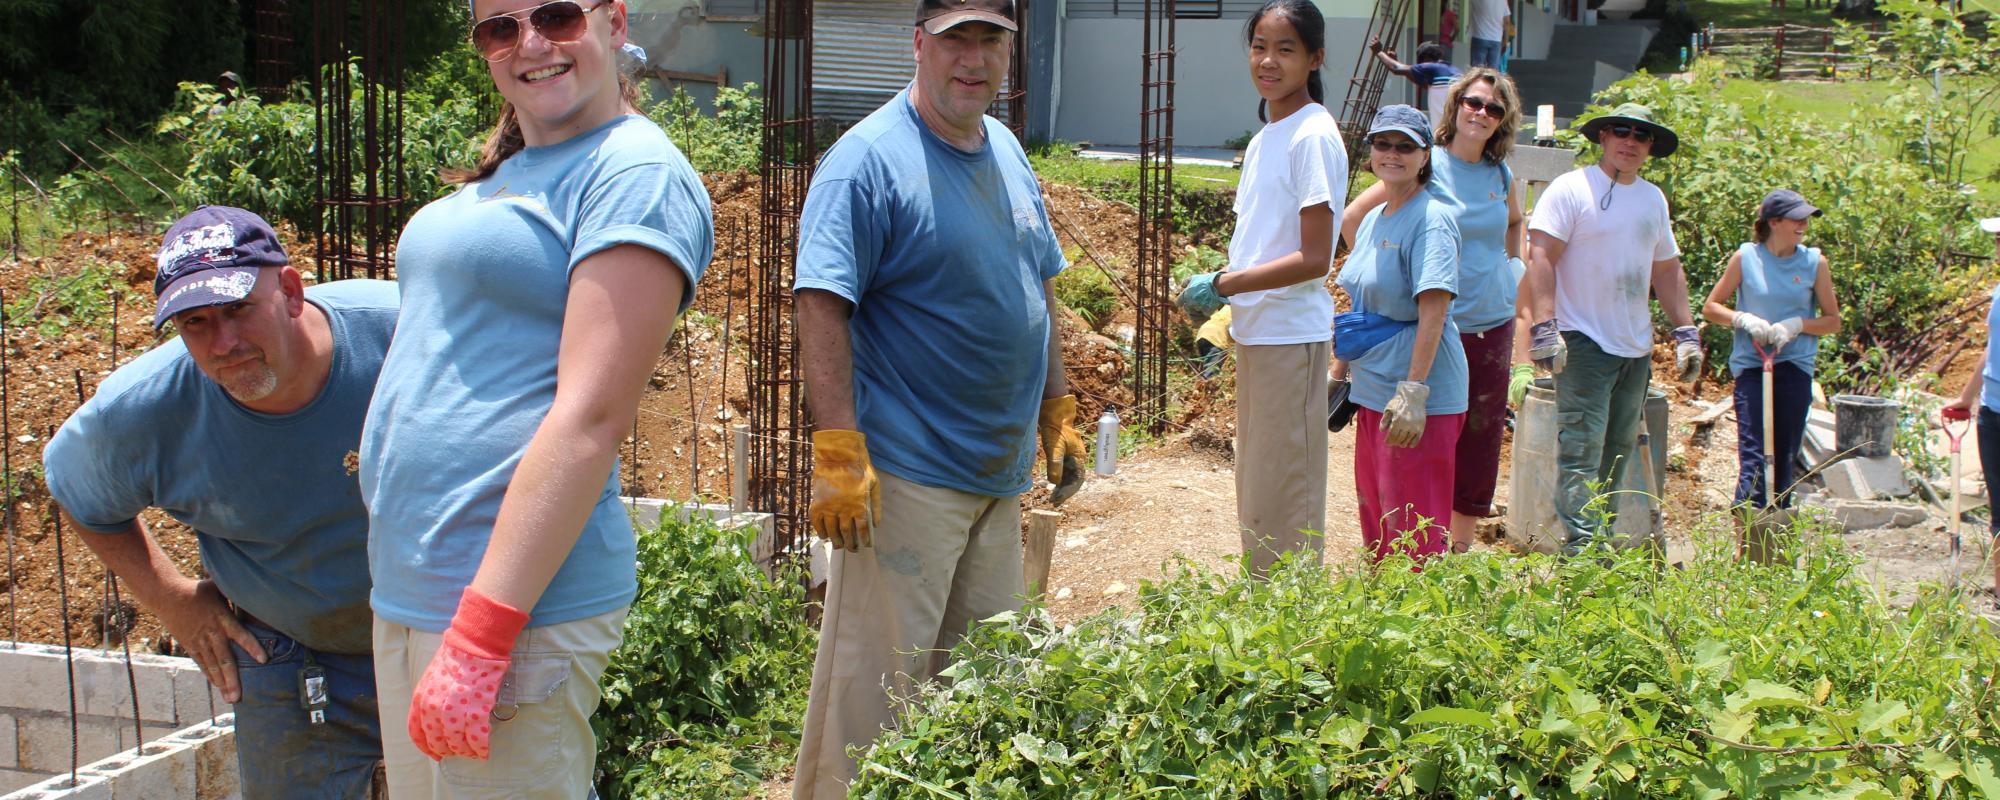 volunteers working in a garden or field